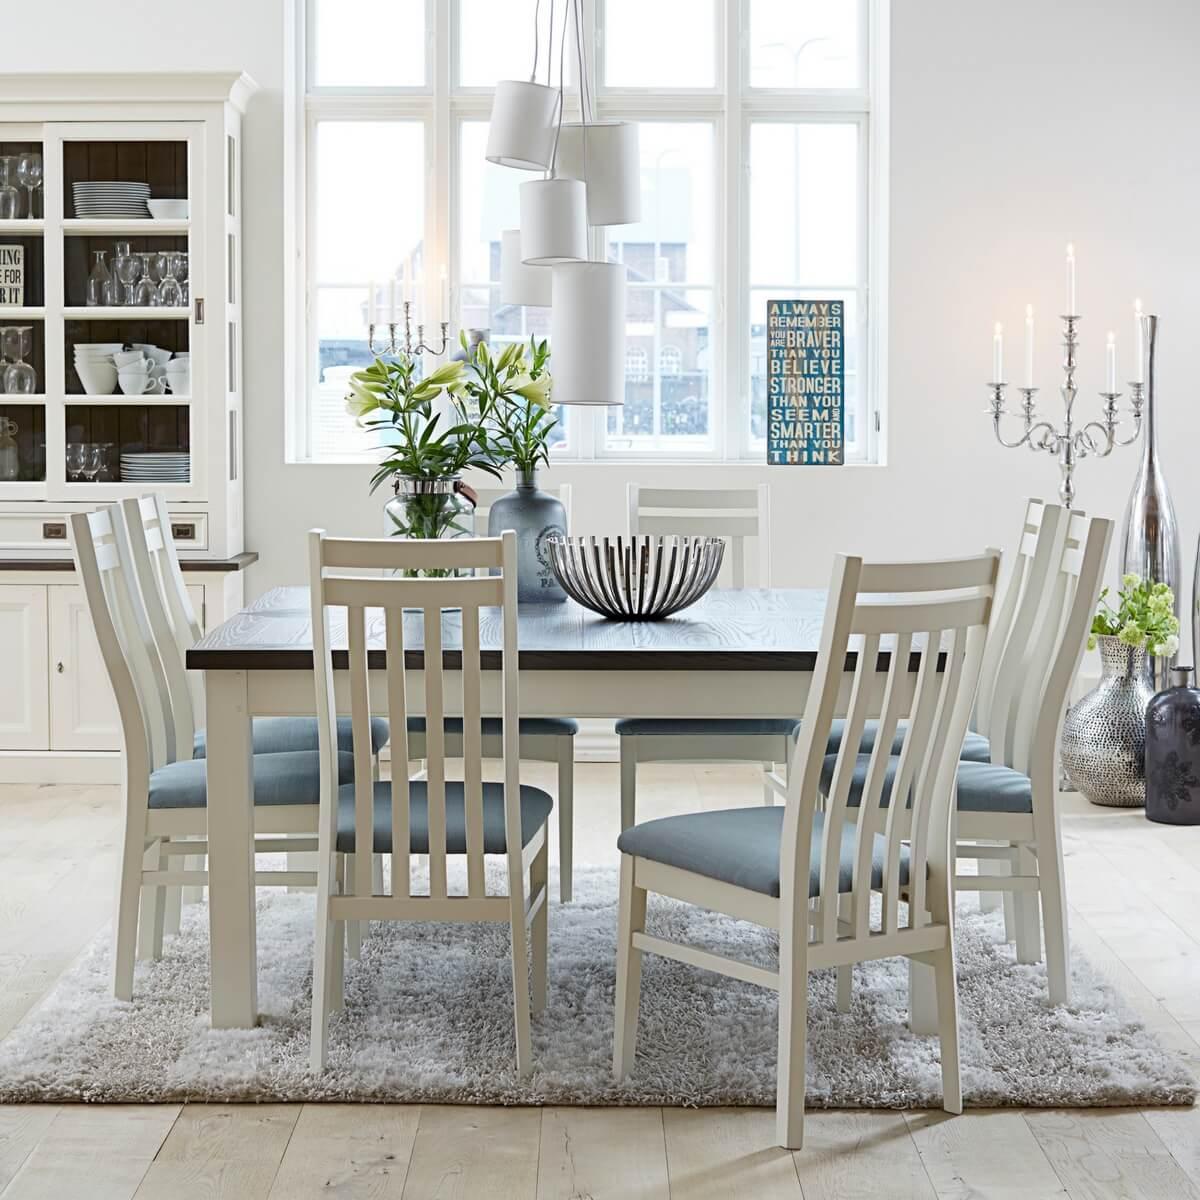 Køb spisestuemøbler til spisestuen hos Boboonline.dk